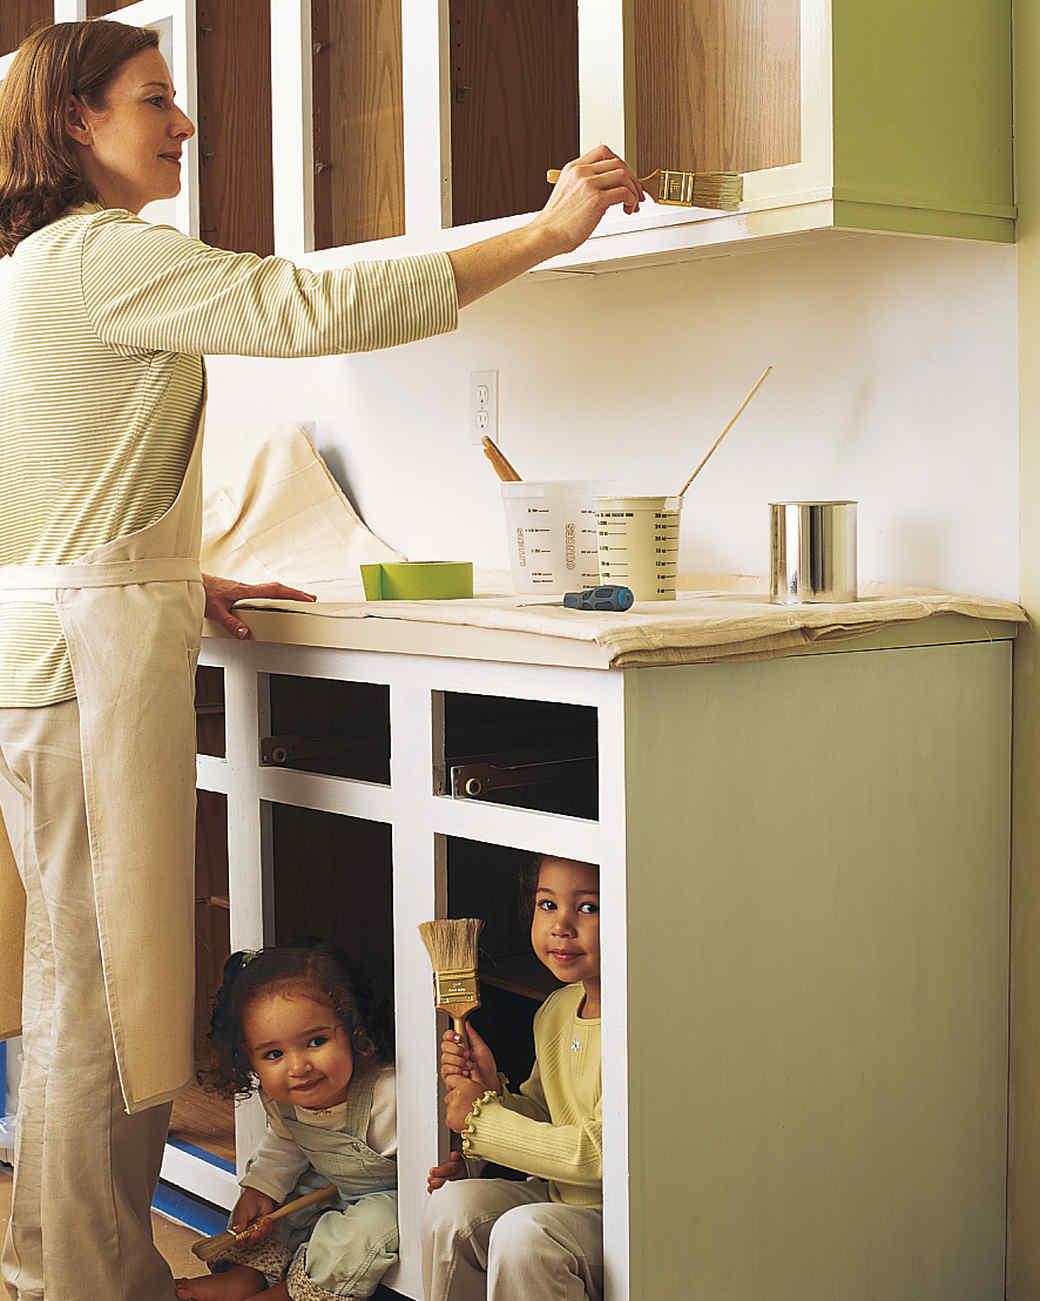 kitchen-transformed-02-d100607-0815.jpg